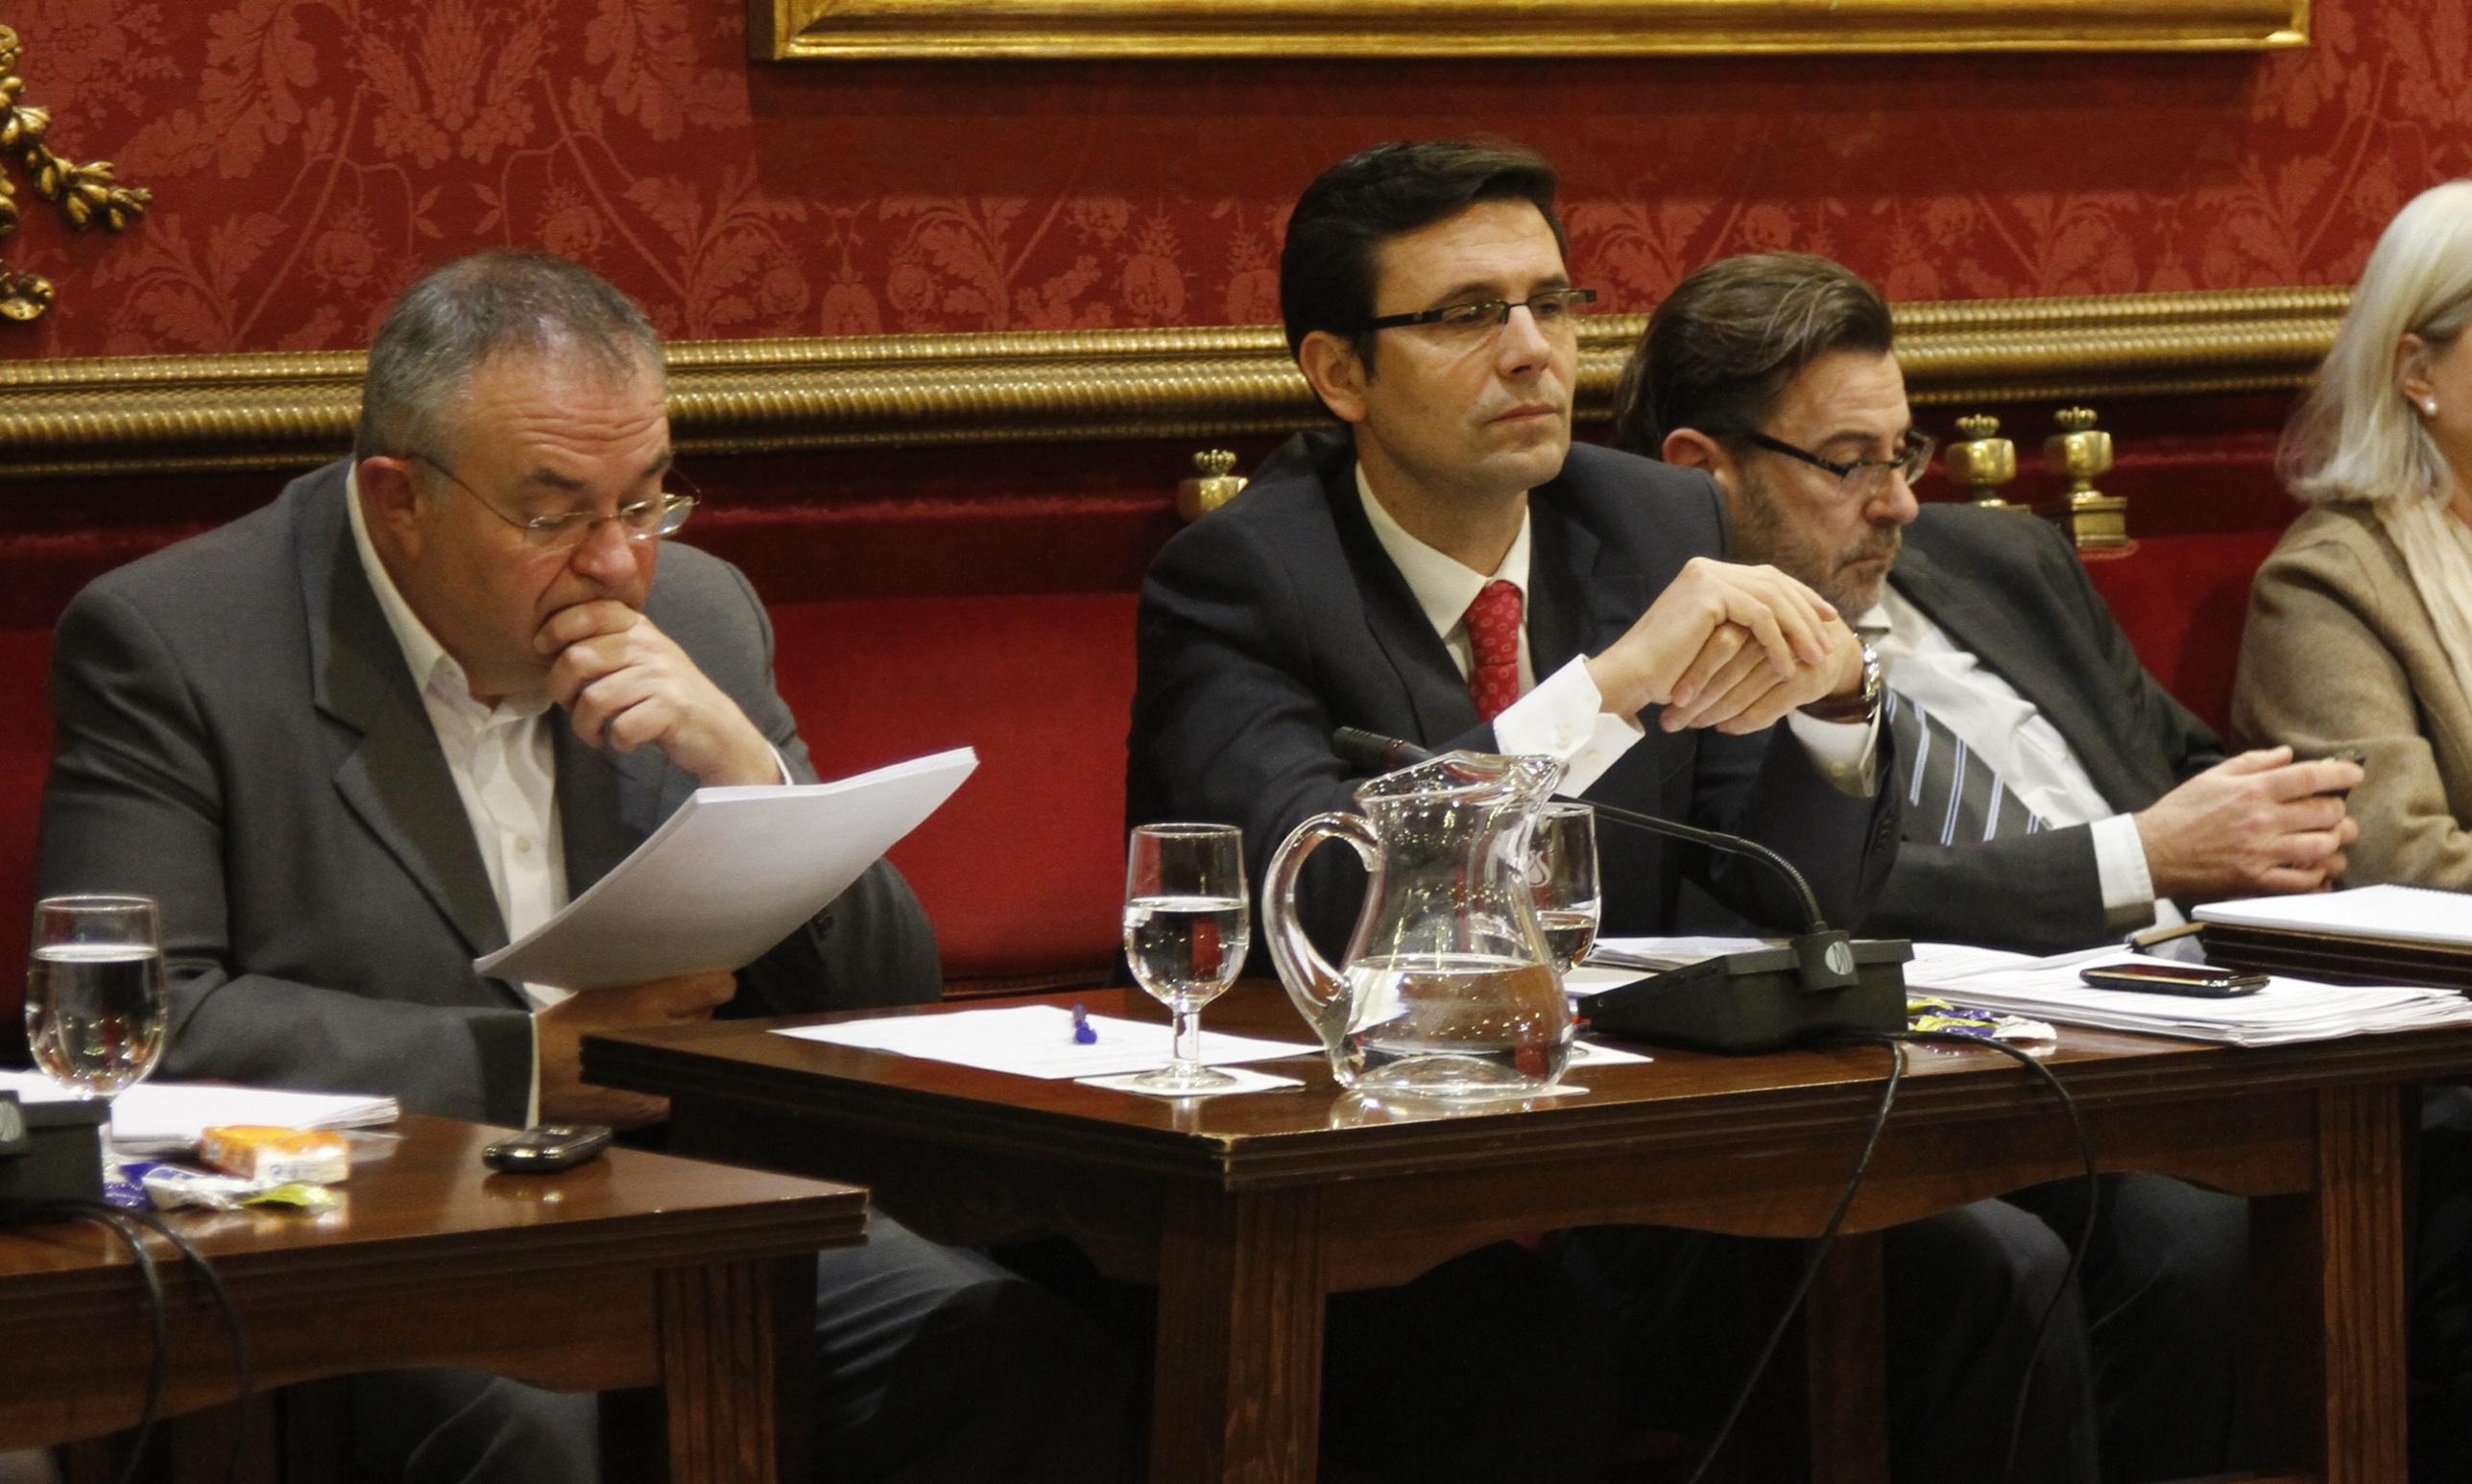 Ayuntamiento de Granada celebra pleno extraordinario para presupuesto municipal ejercicio 2014 - paco cuenca PSOE